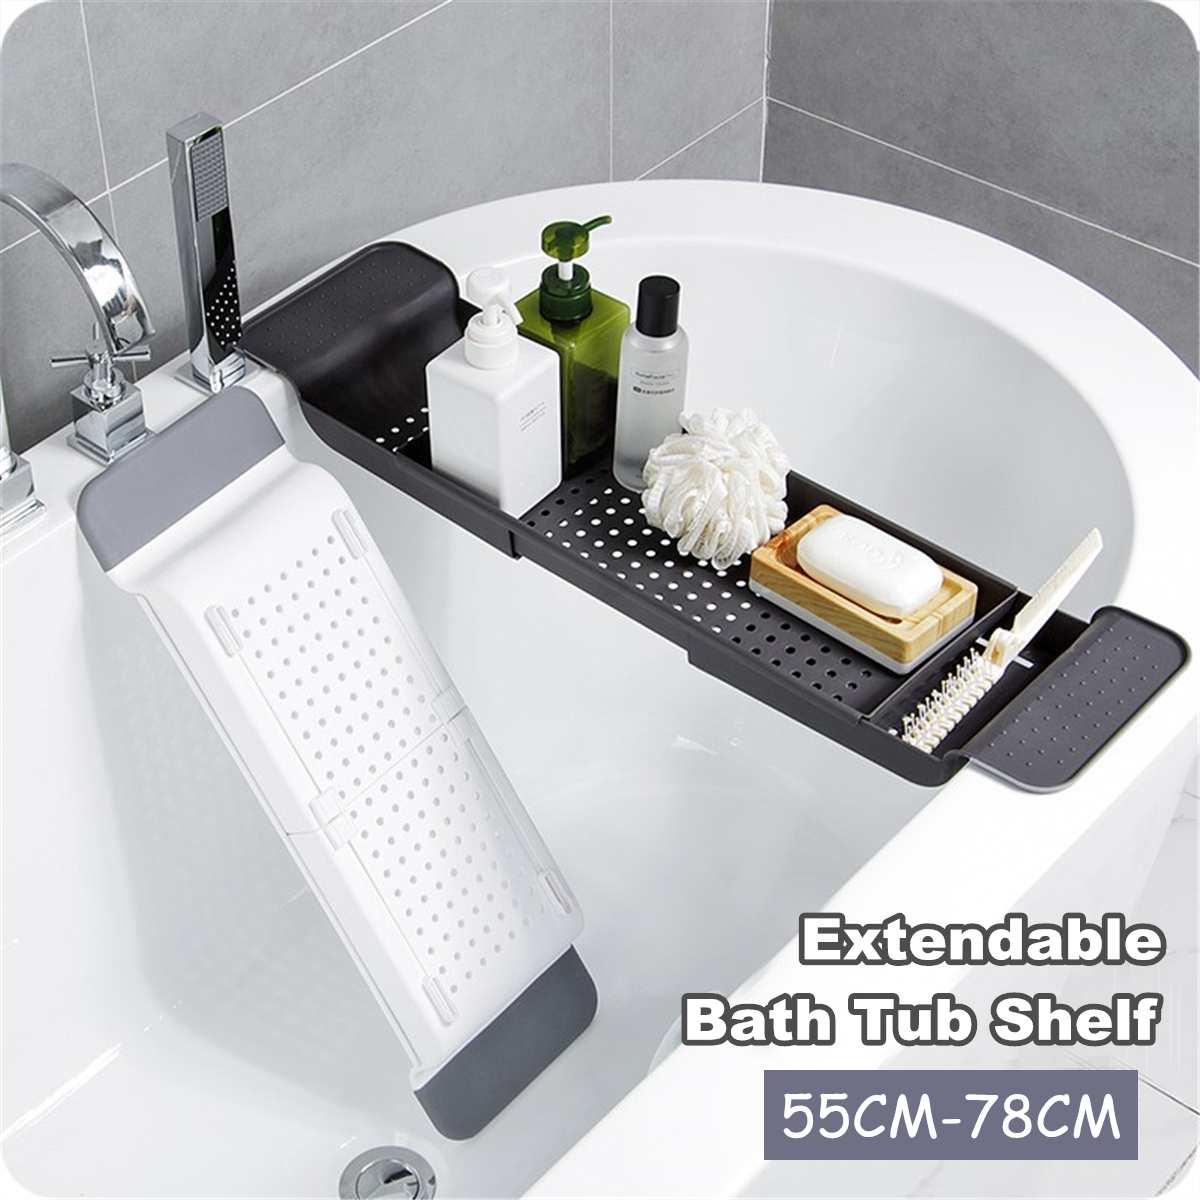 Bathtub Holder Phone Drain Racks Multi-function Expanding Bathroom Shelf Bathtub Trays Retractable Bathroom Storage Shelves